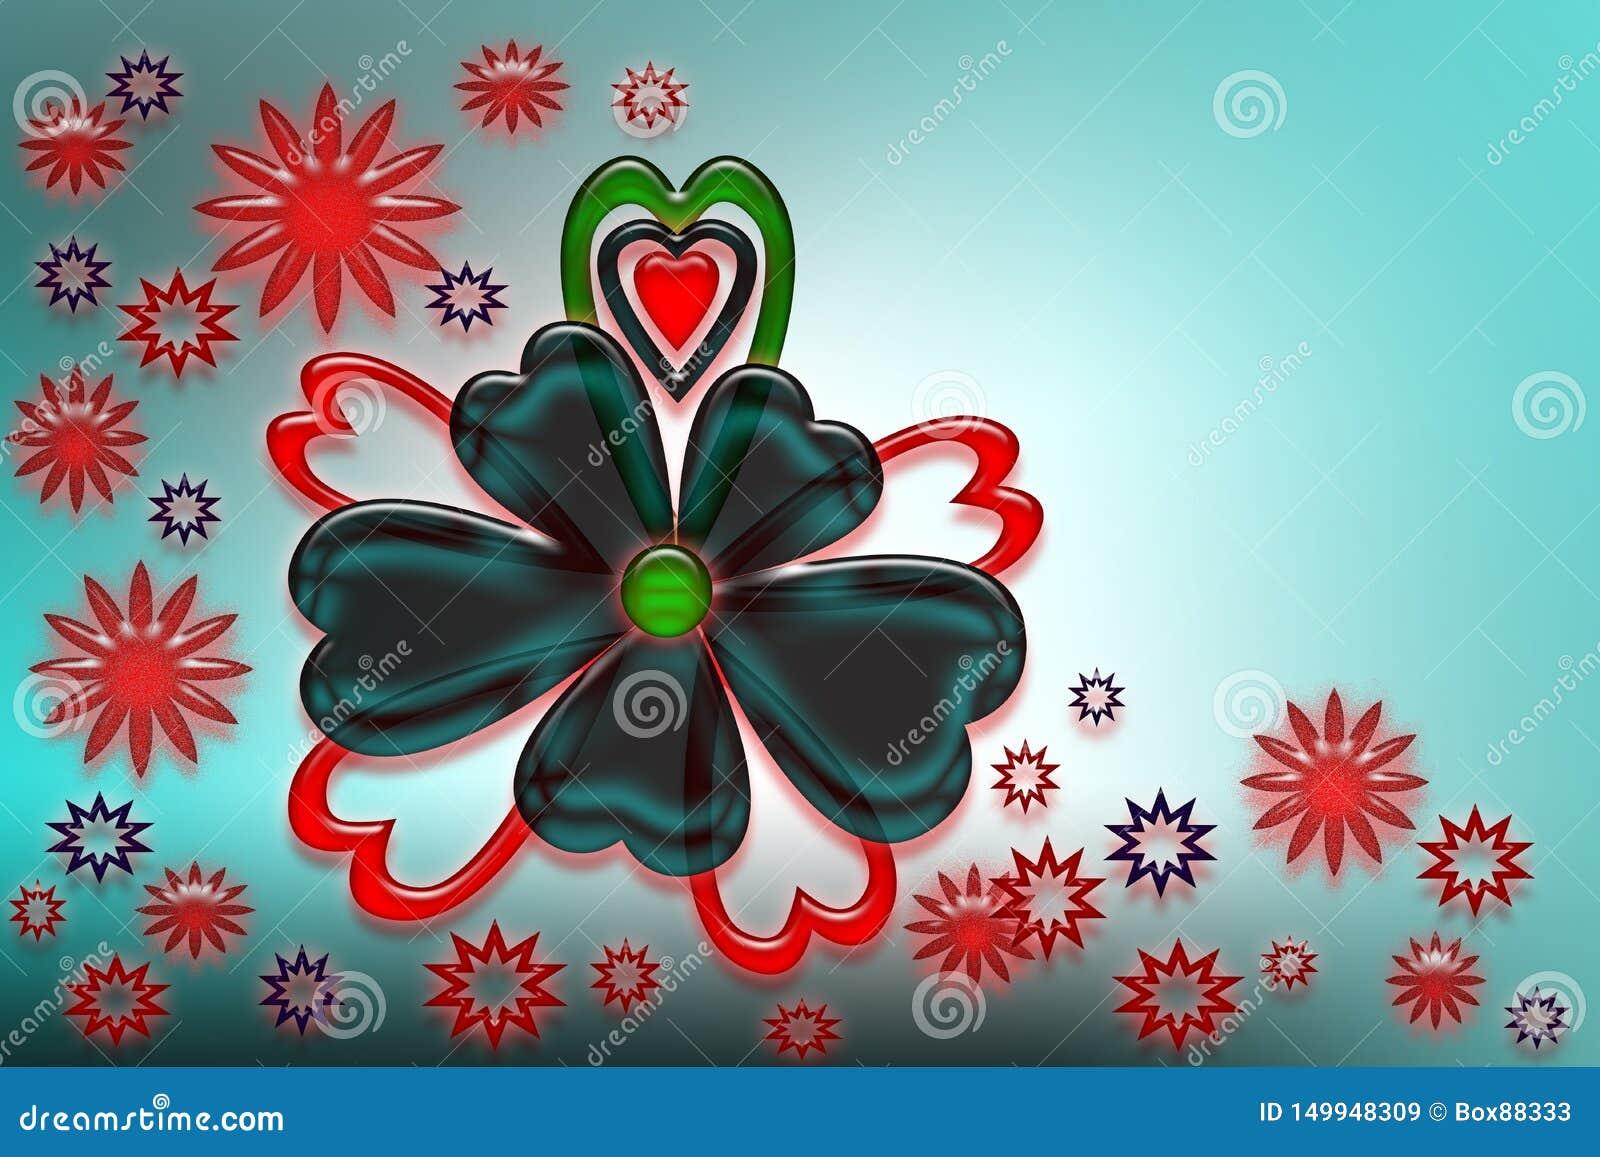 Stilisierte Herzen, Blumen und Sterne